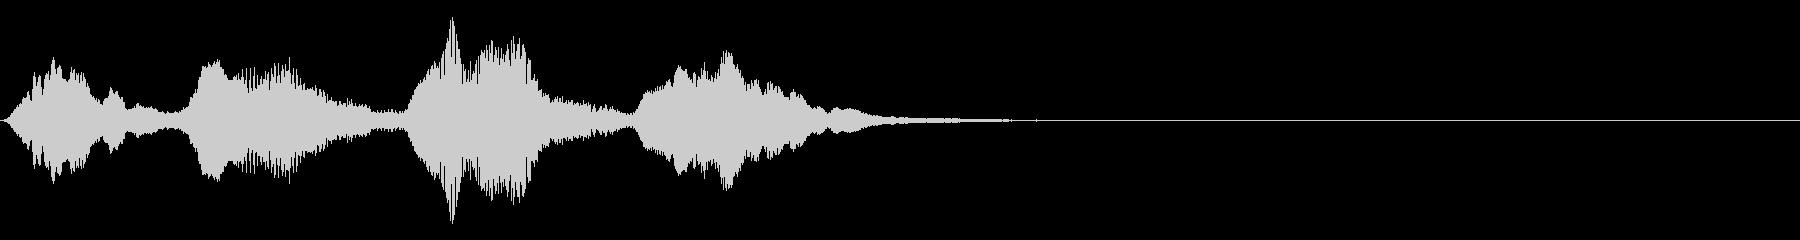 ほのぼのとしたジングル:9の未再生の波形